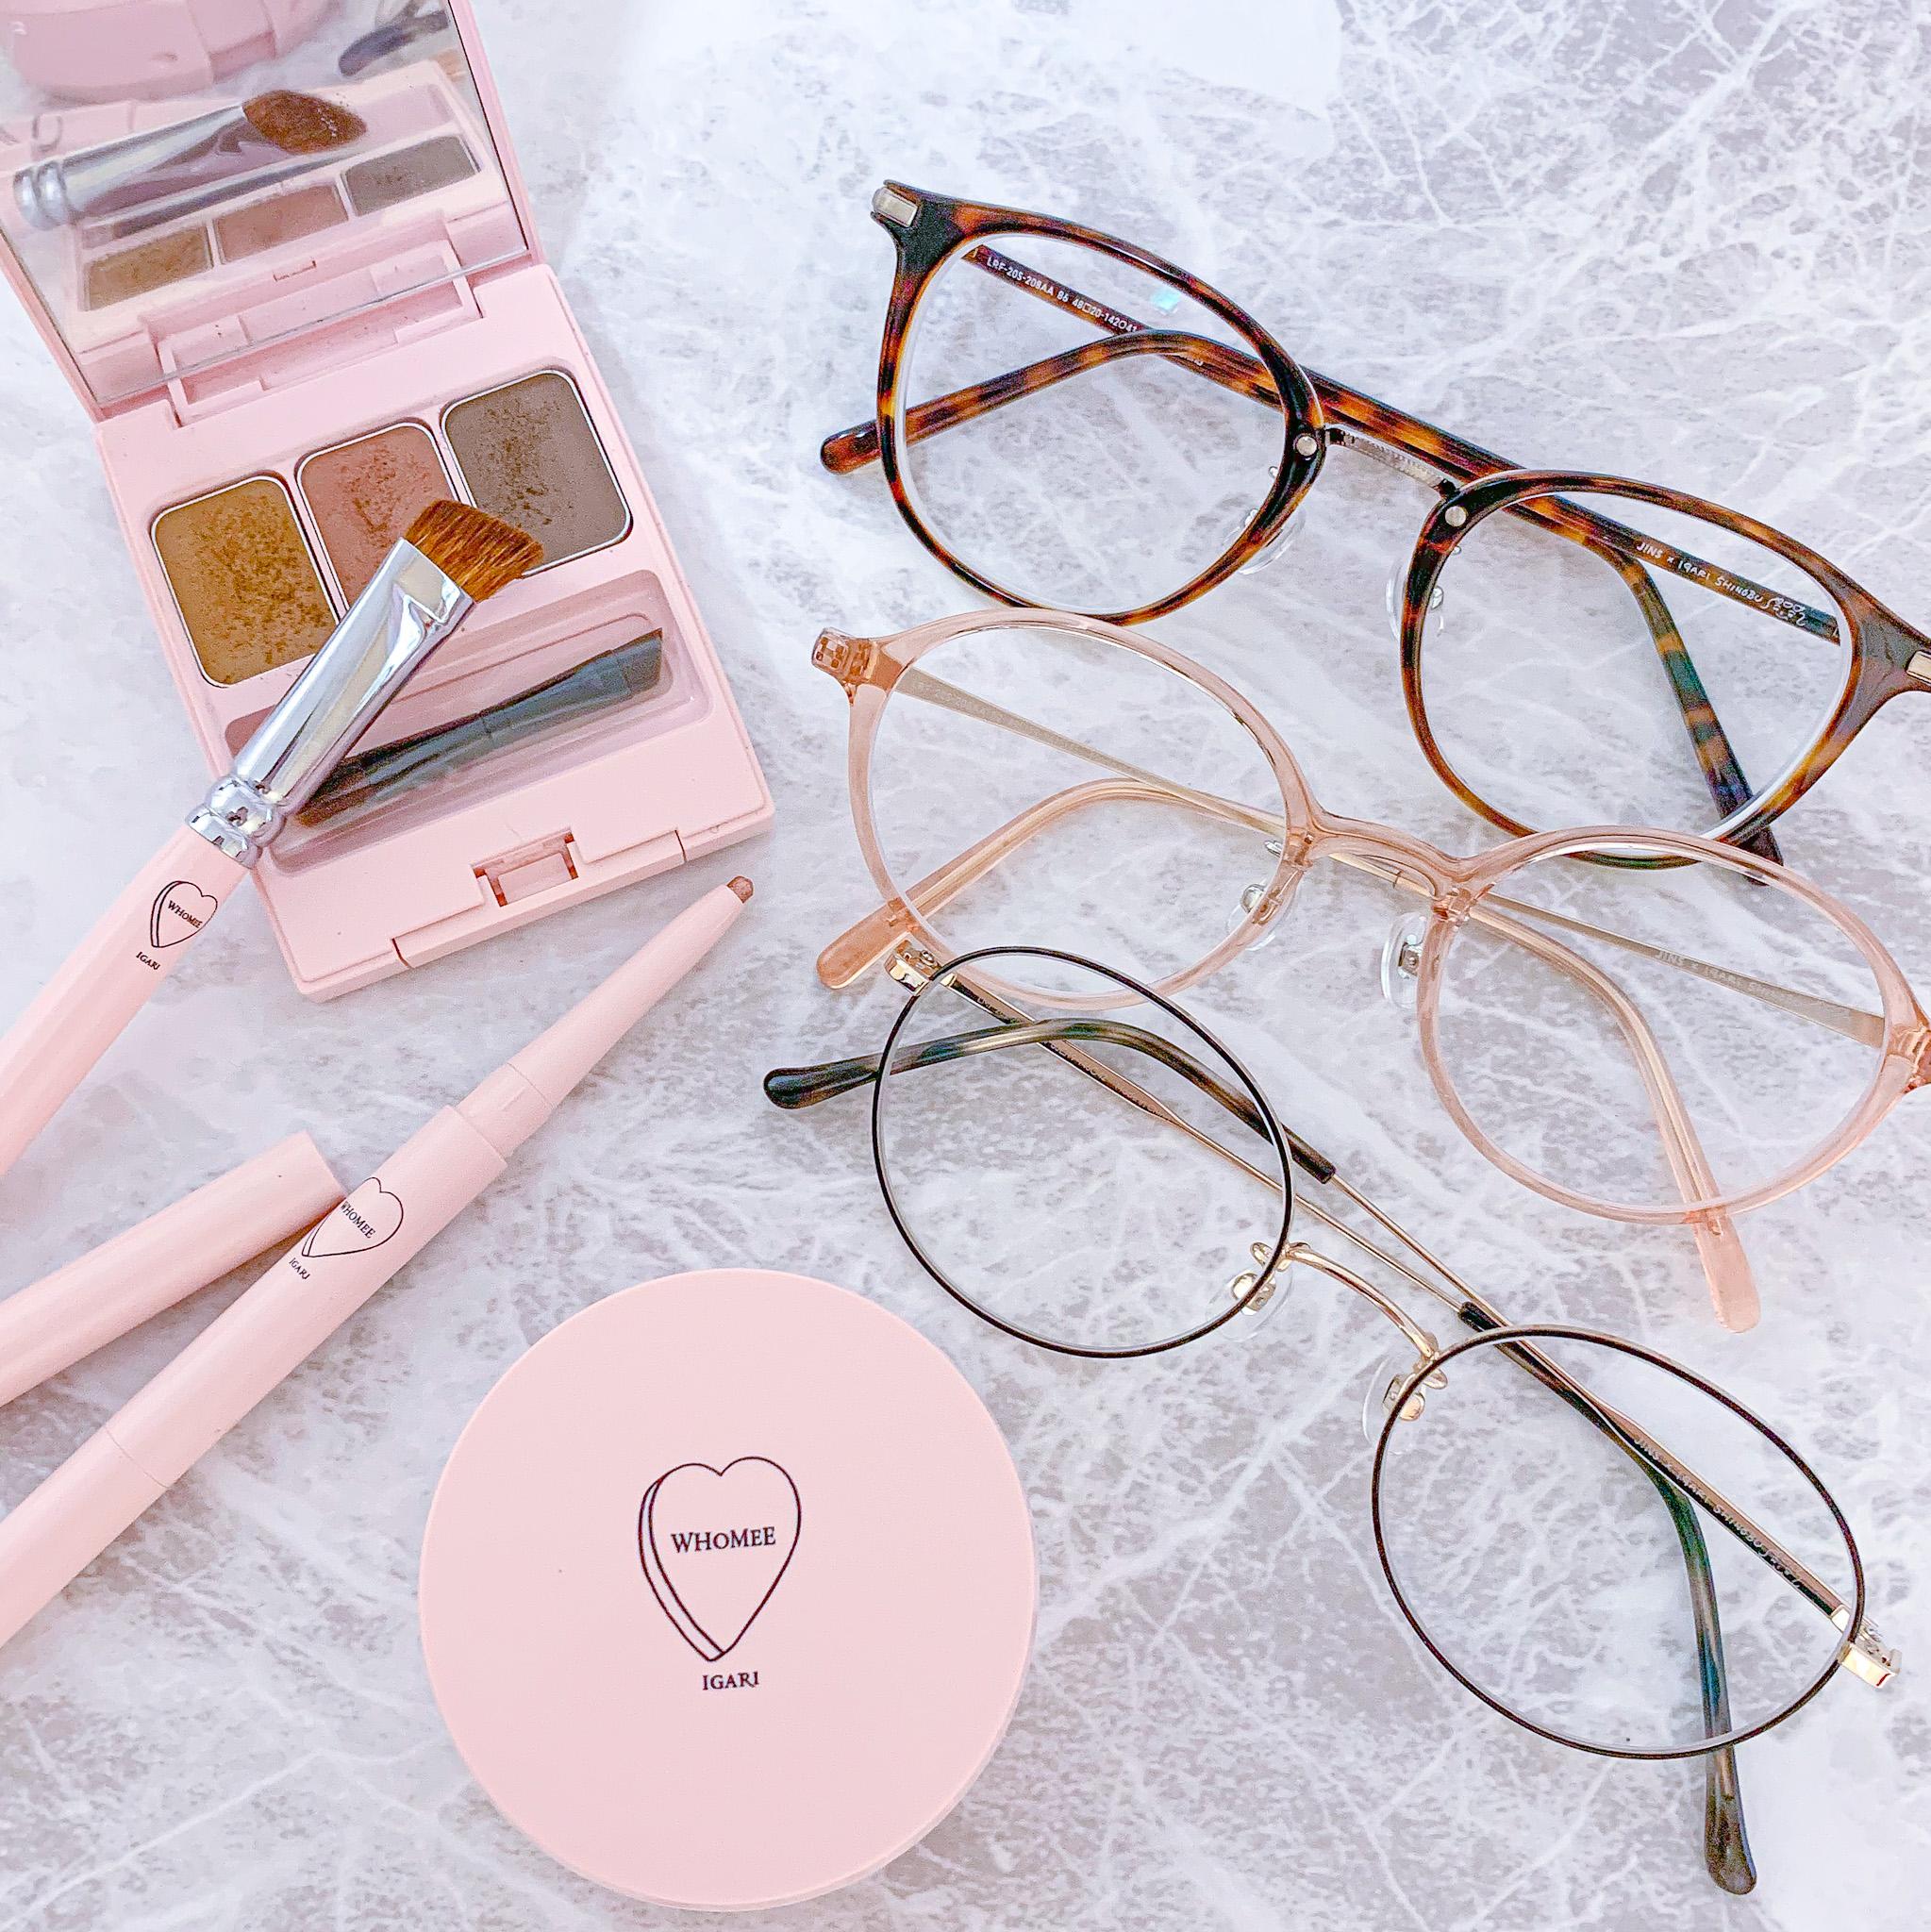 【メガネ主体のメイクが可愛い】JINS×イガリシノブのメーキャップメガネ_6